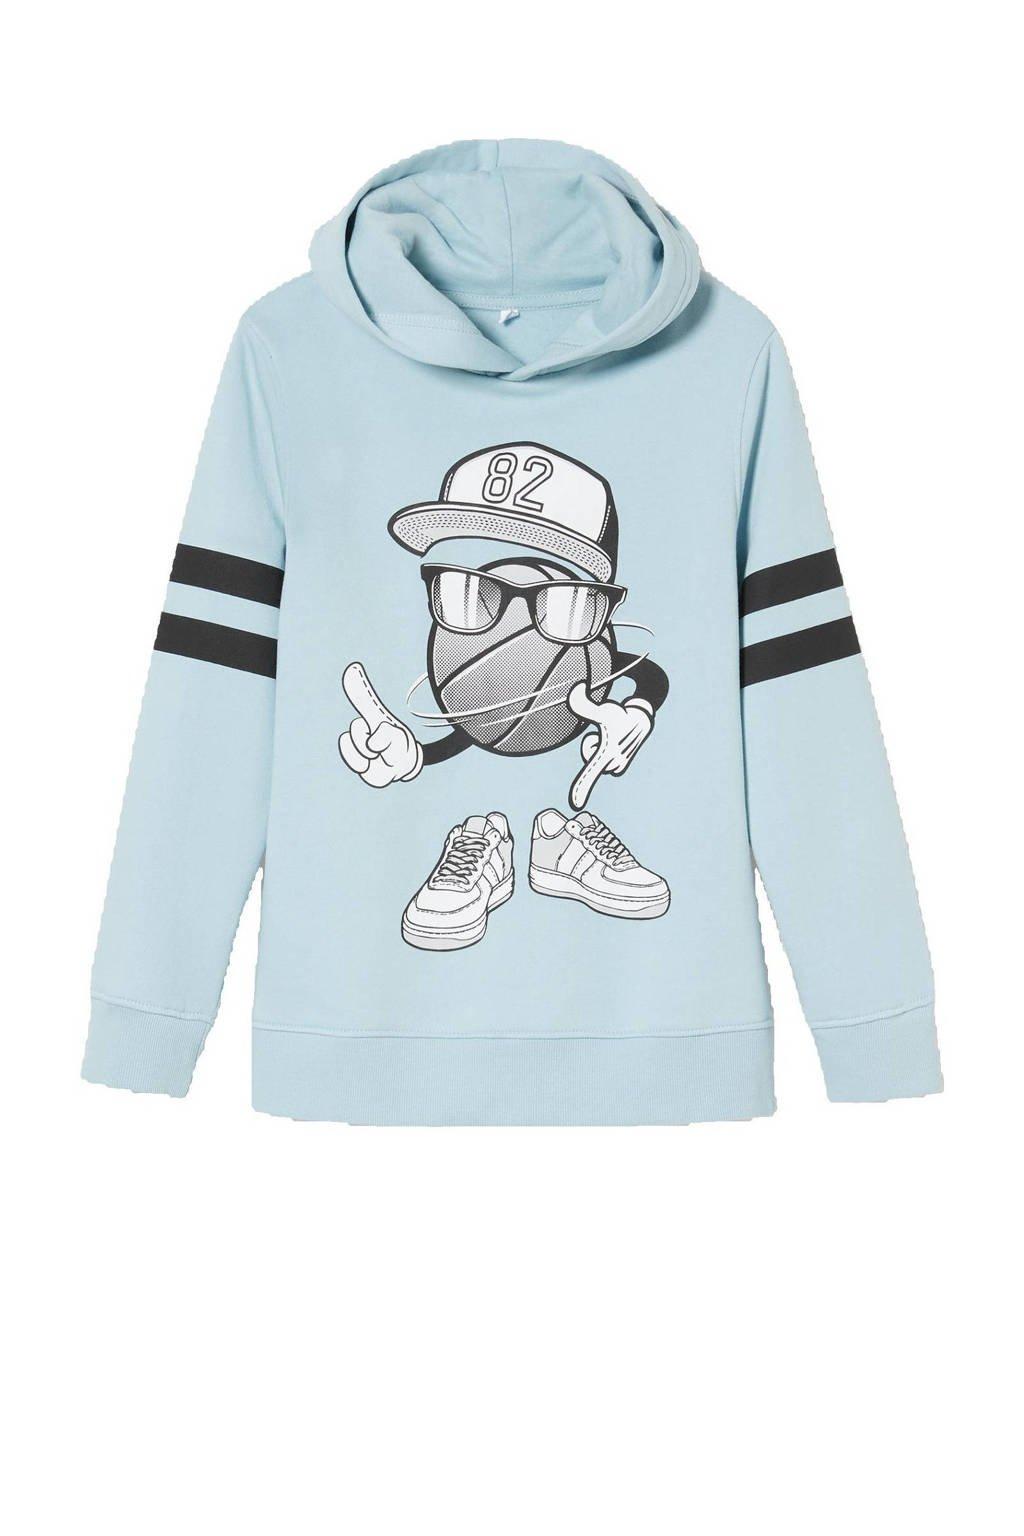 C&A Here & There hoodie met printopdruk mintgroen, Mintgroen